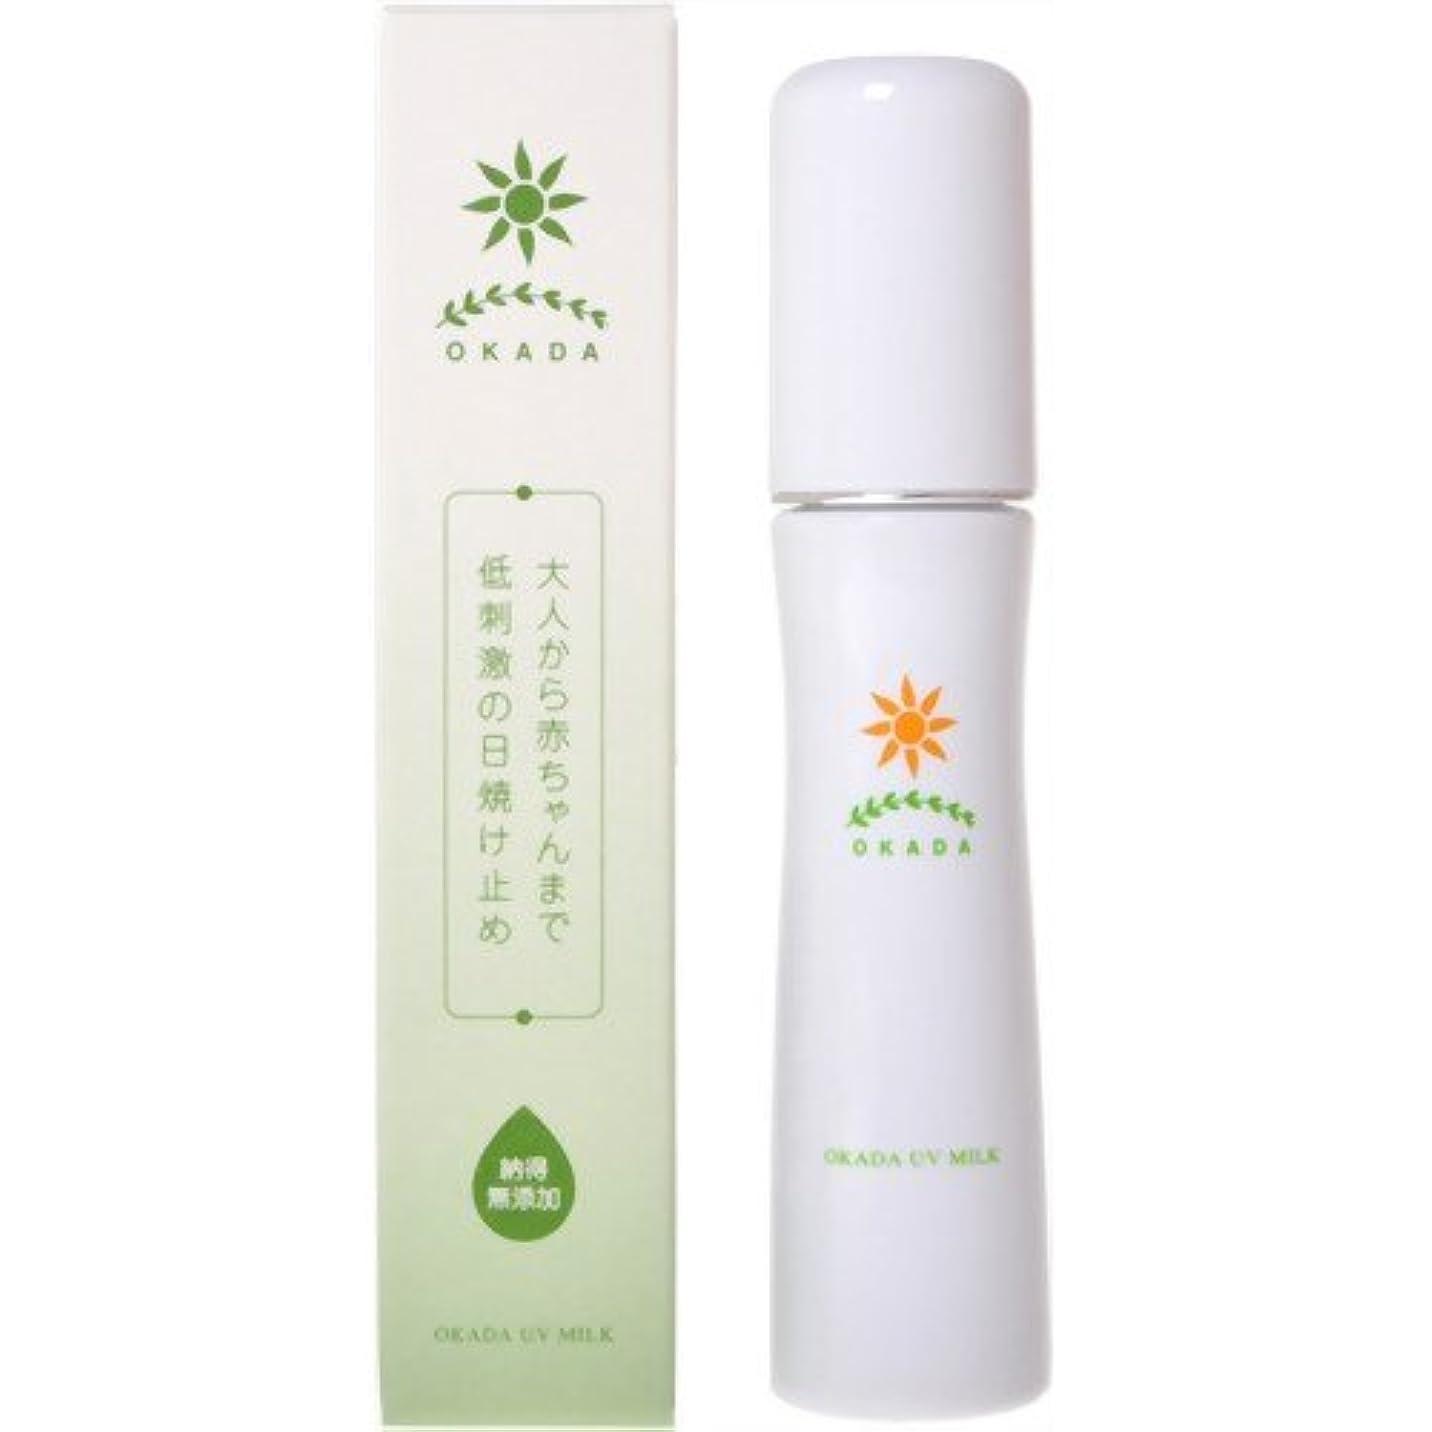 エスカレート一般的な思春期無添加工房OKADA 天然由来100% 岡田UVミルク(日焼け止め乳液) 50g